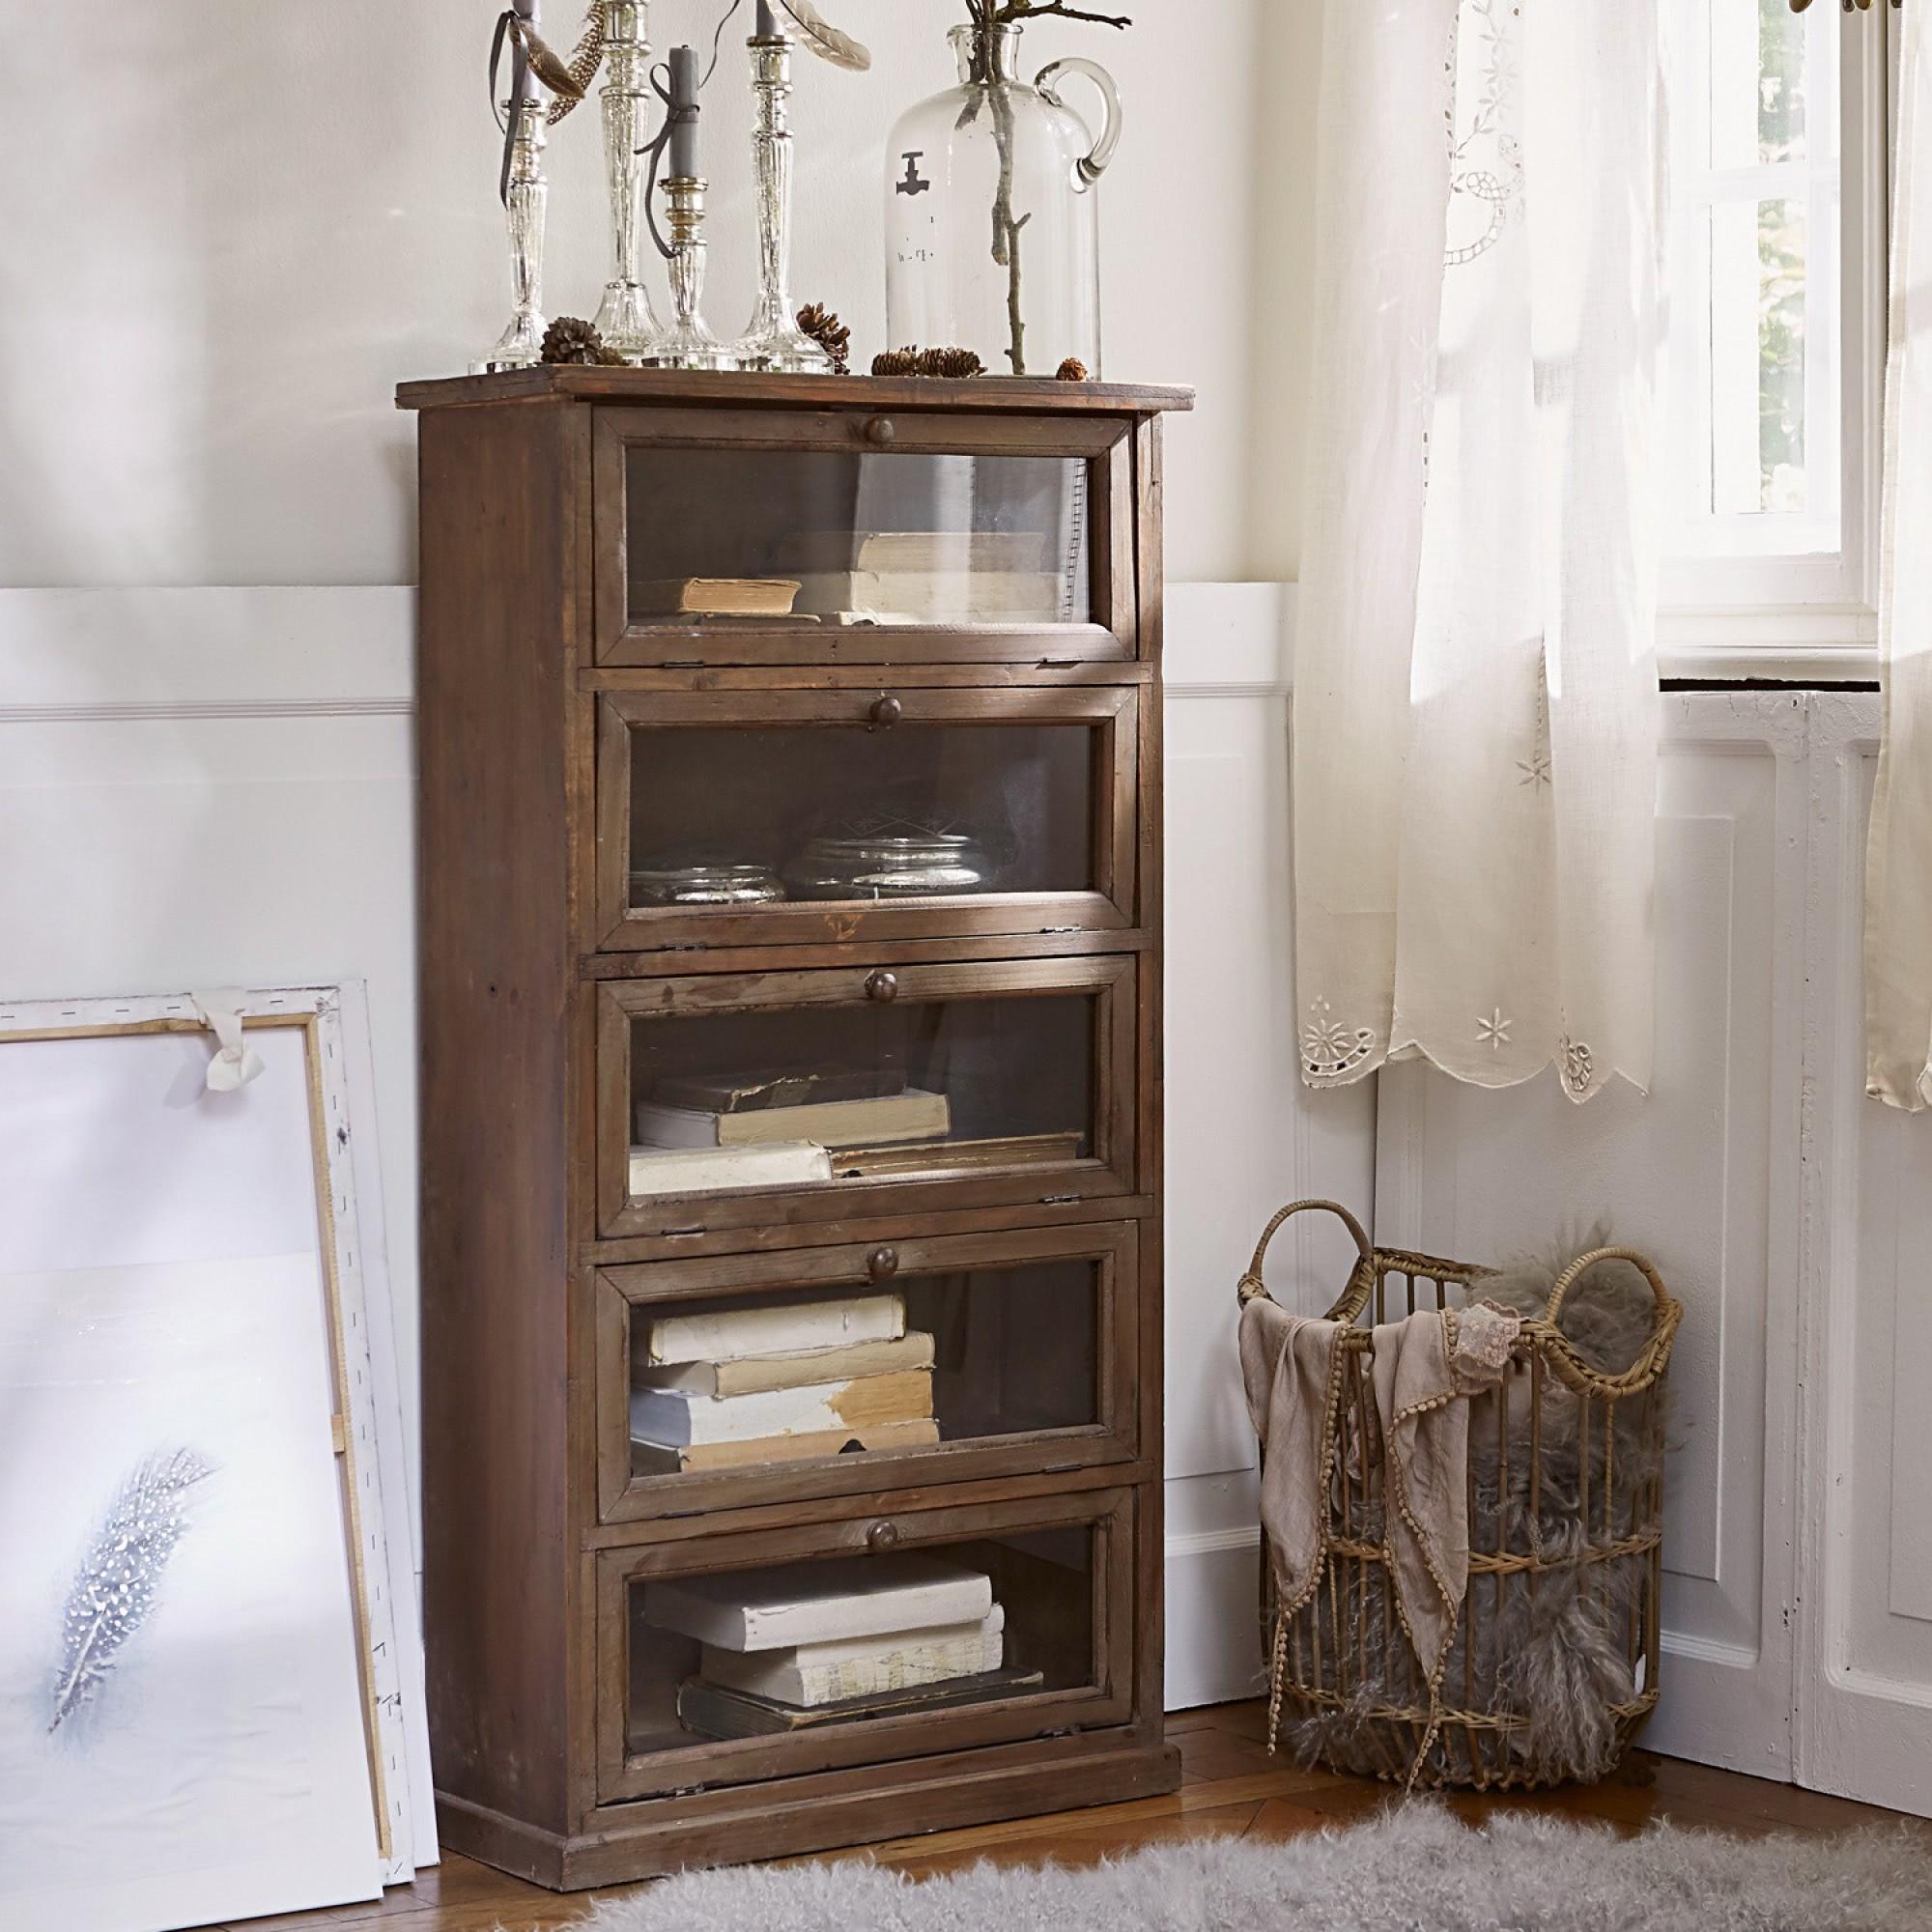 kommode geringe tiefe flur kommode geringe tiefe kommoden hause dekoration bilder w89vz5q95q. Black Bedroom Furniture Sets. Home Design Ideas